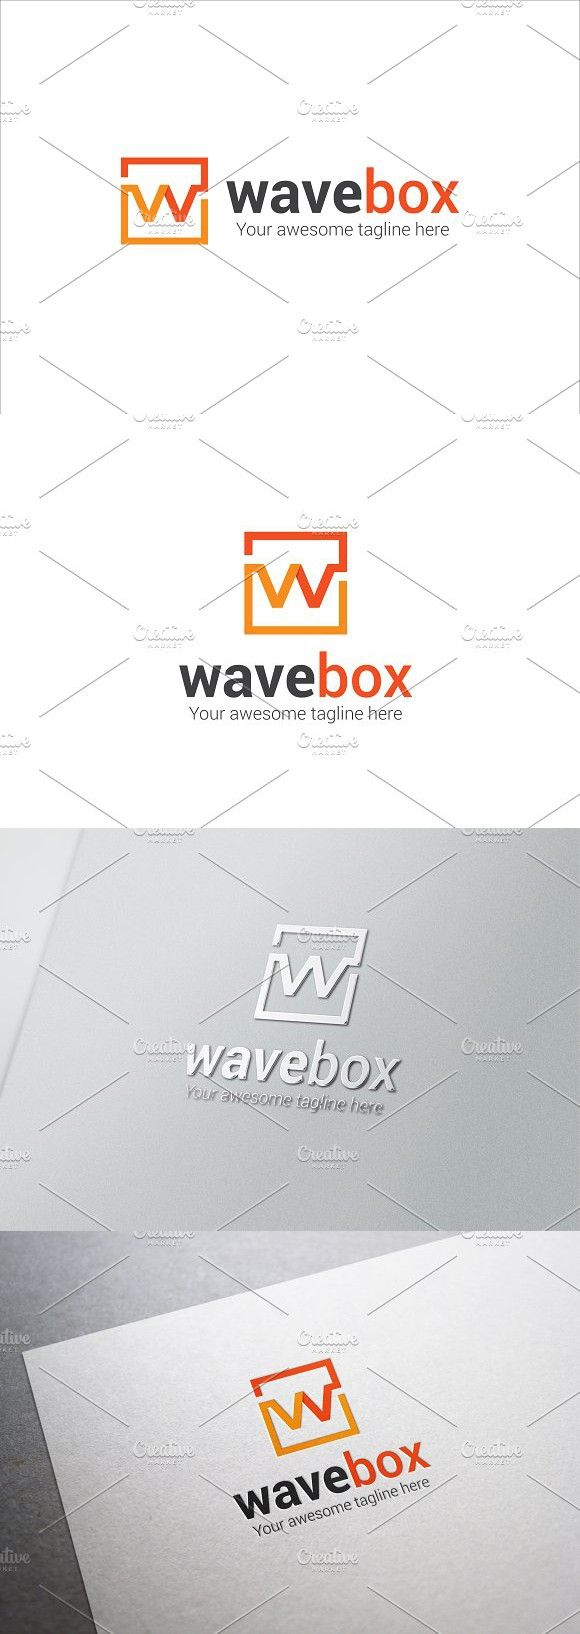 Wave Box W Letter Logo   Designer   Letter logo, Lettering, Logos